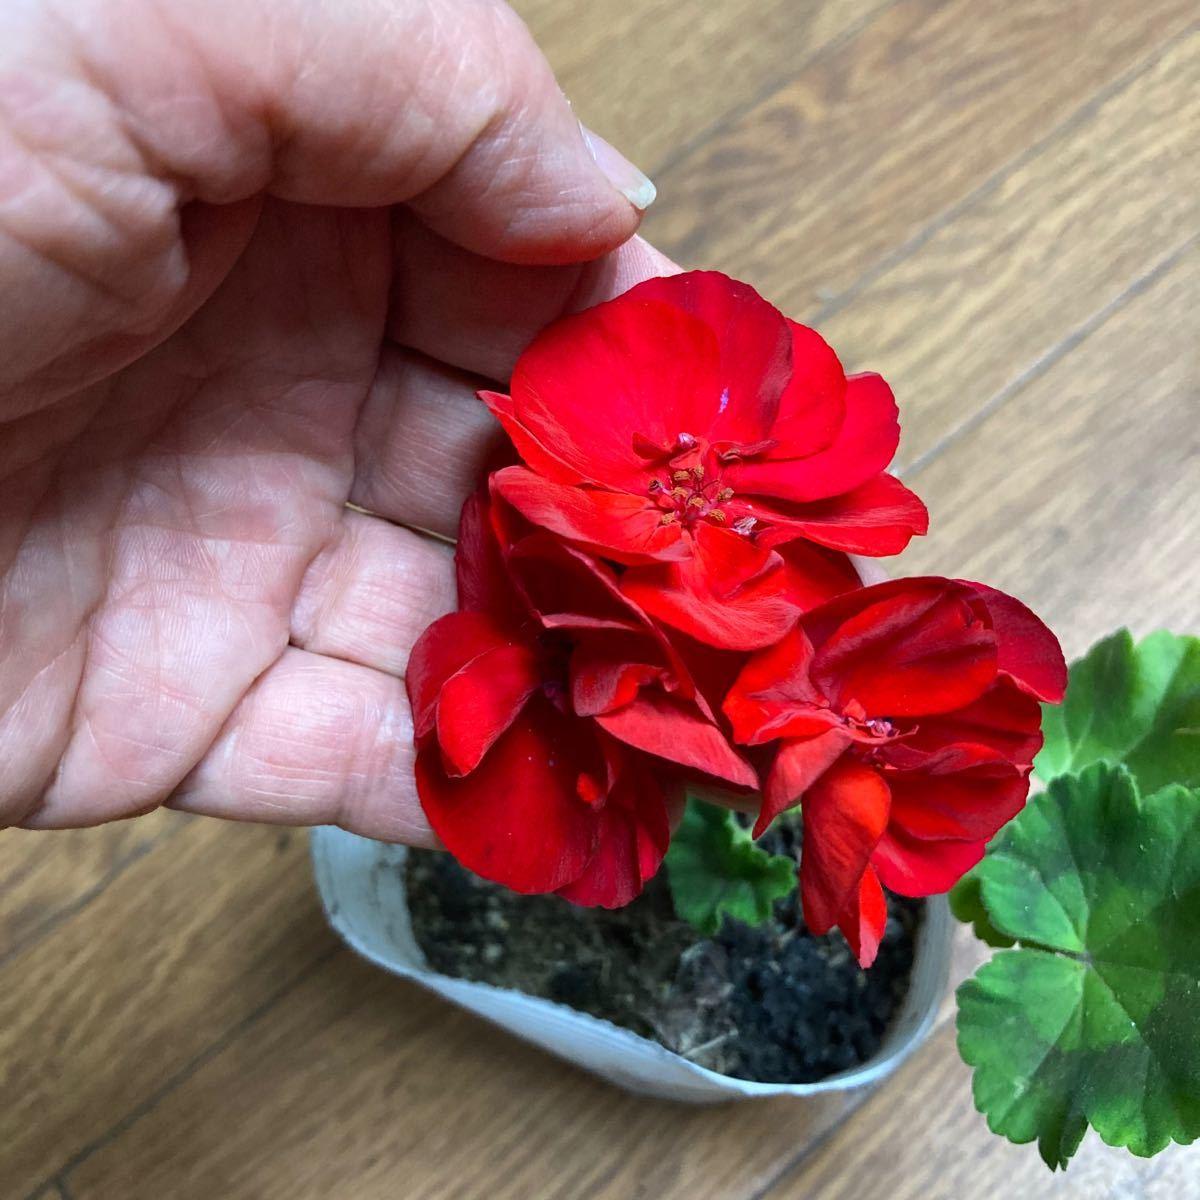 真っ赤なゼラニュウムの抜き苗